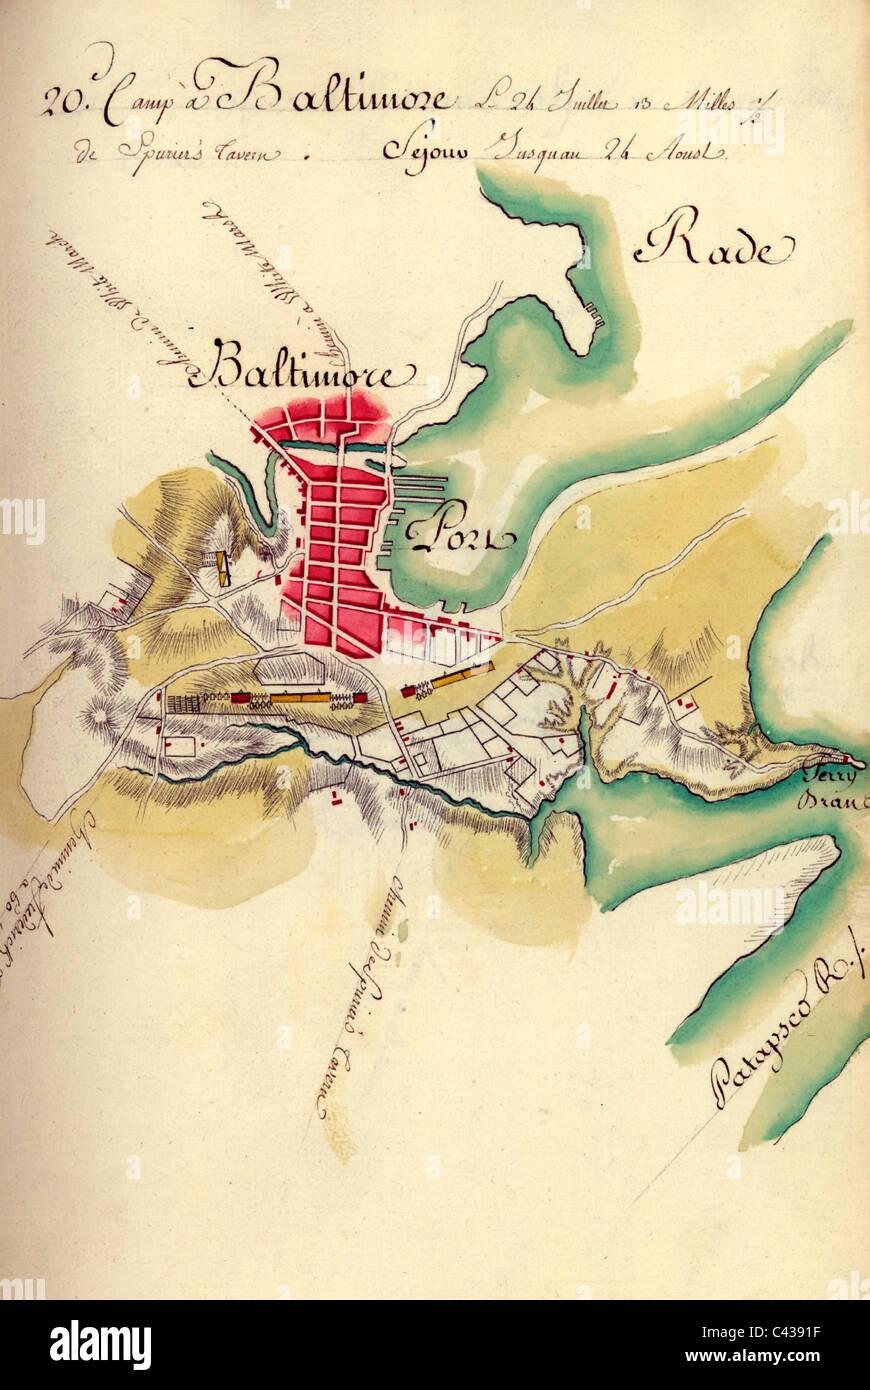 Karte Des Lagers In Baltimore Maryland In Den Usa Revolutionarer